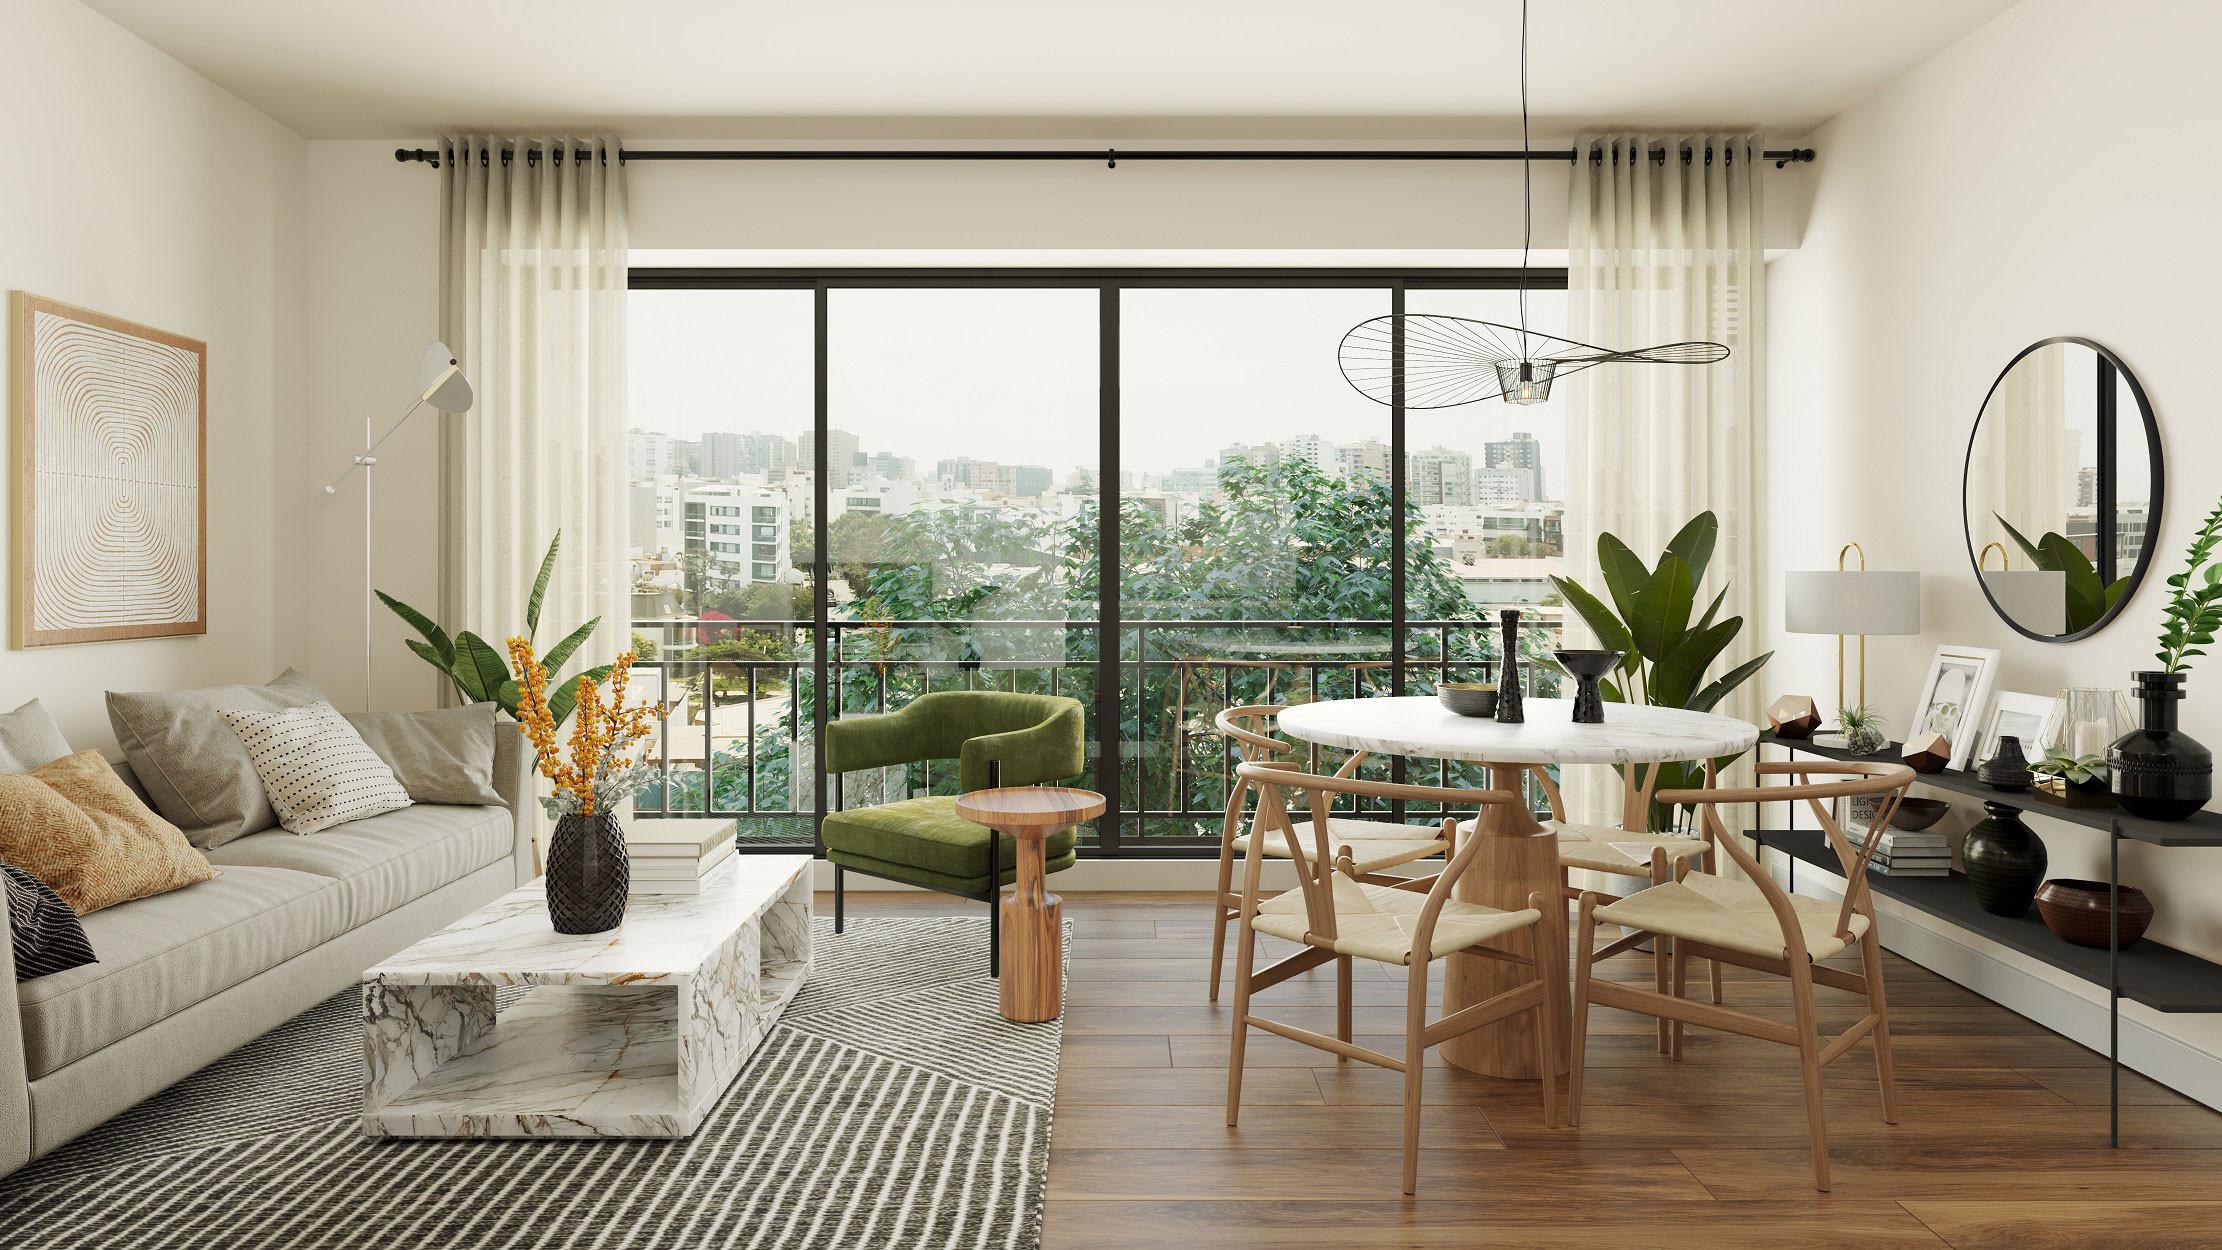 Foco en Maas Inmobiliaria, empresa enfocada en proyectos de viviendas para los más jóvenes